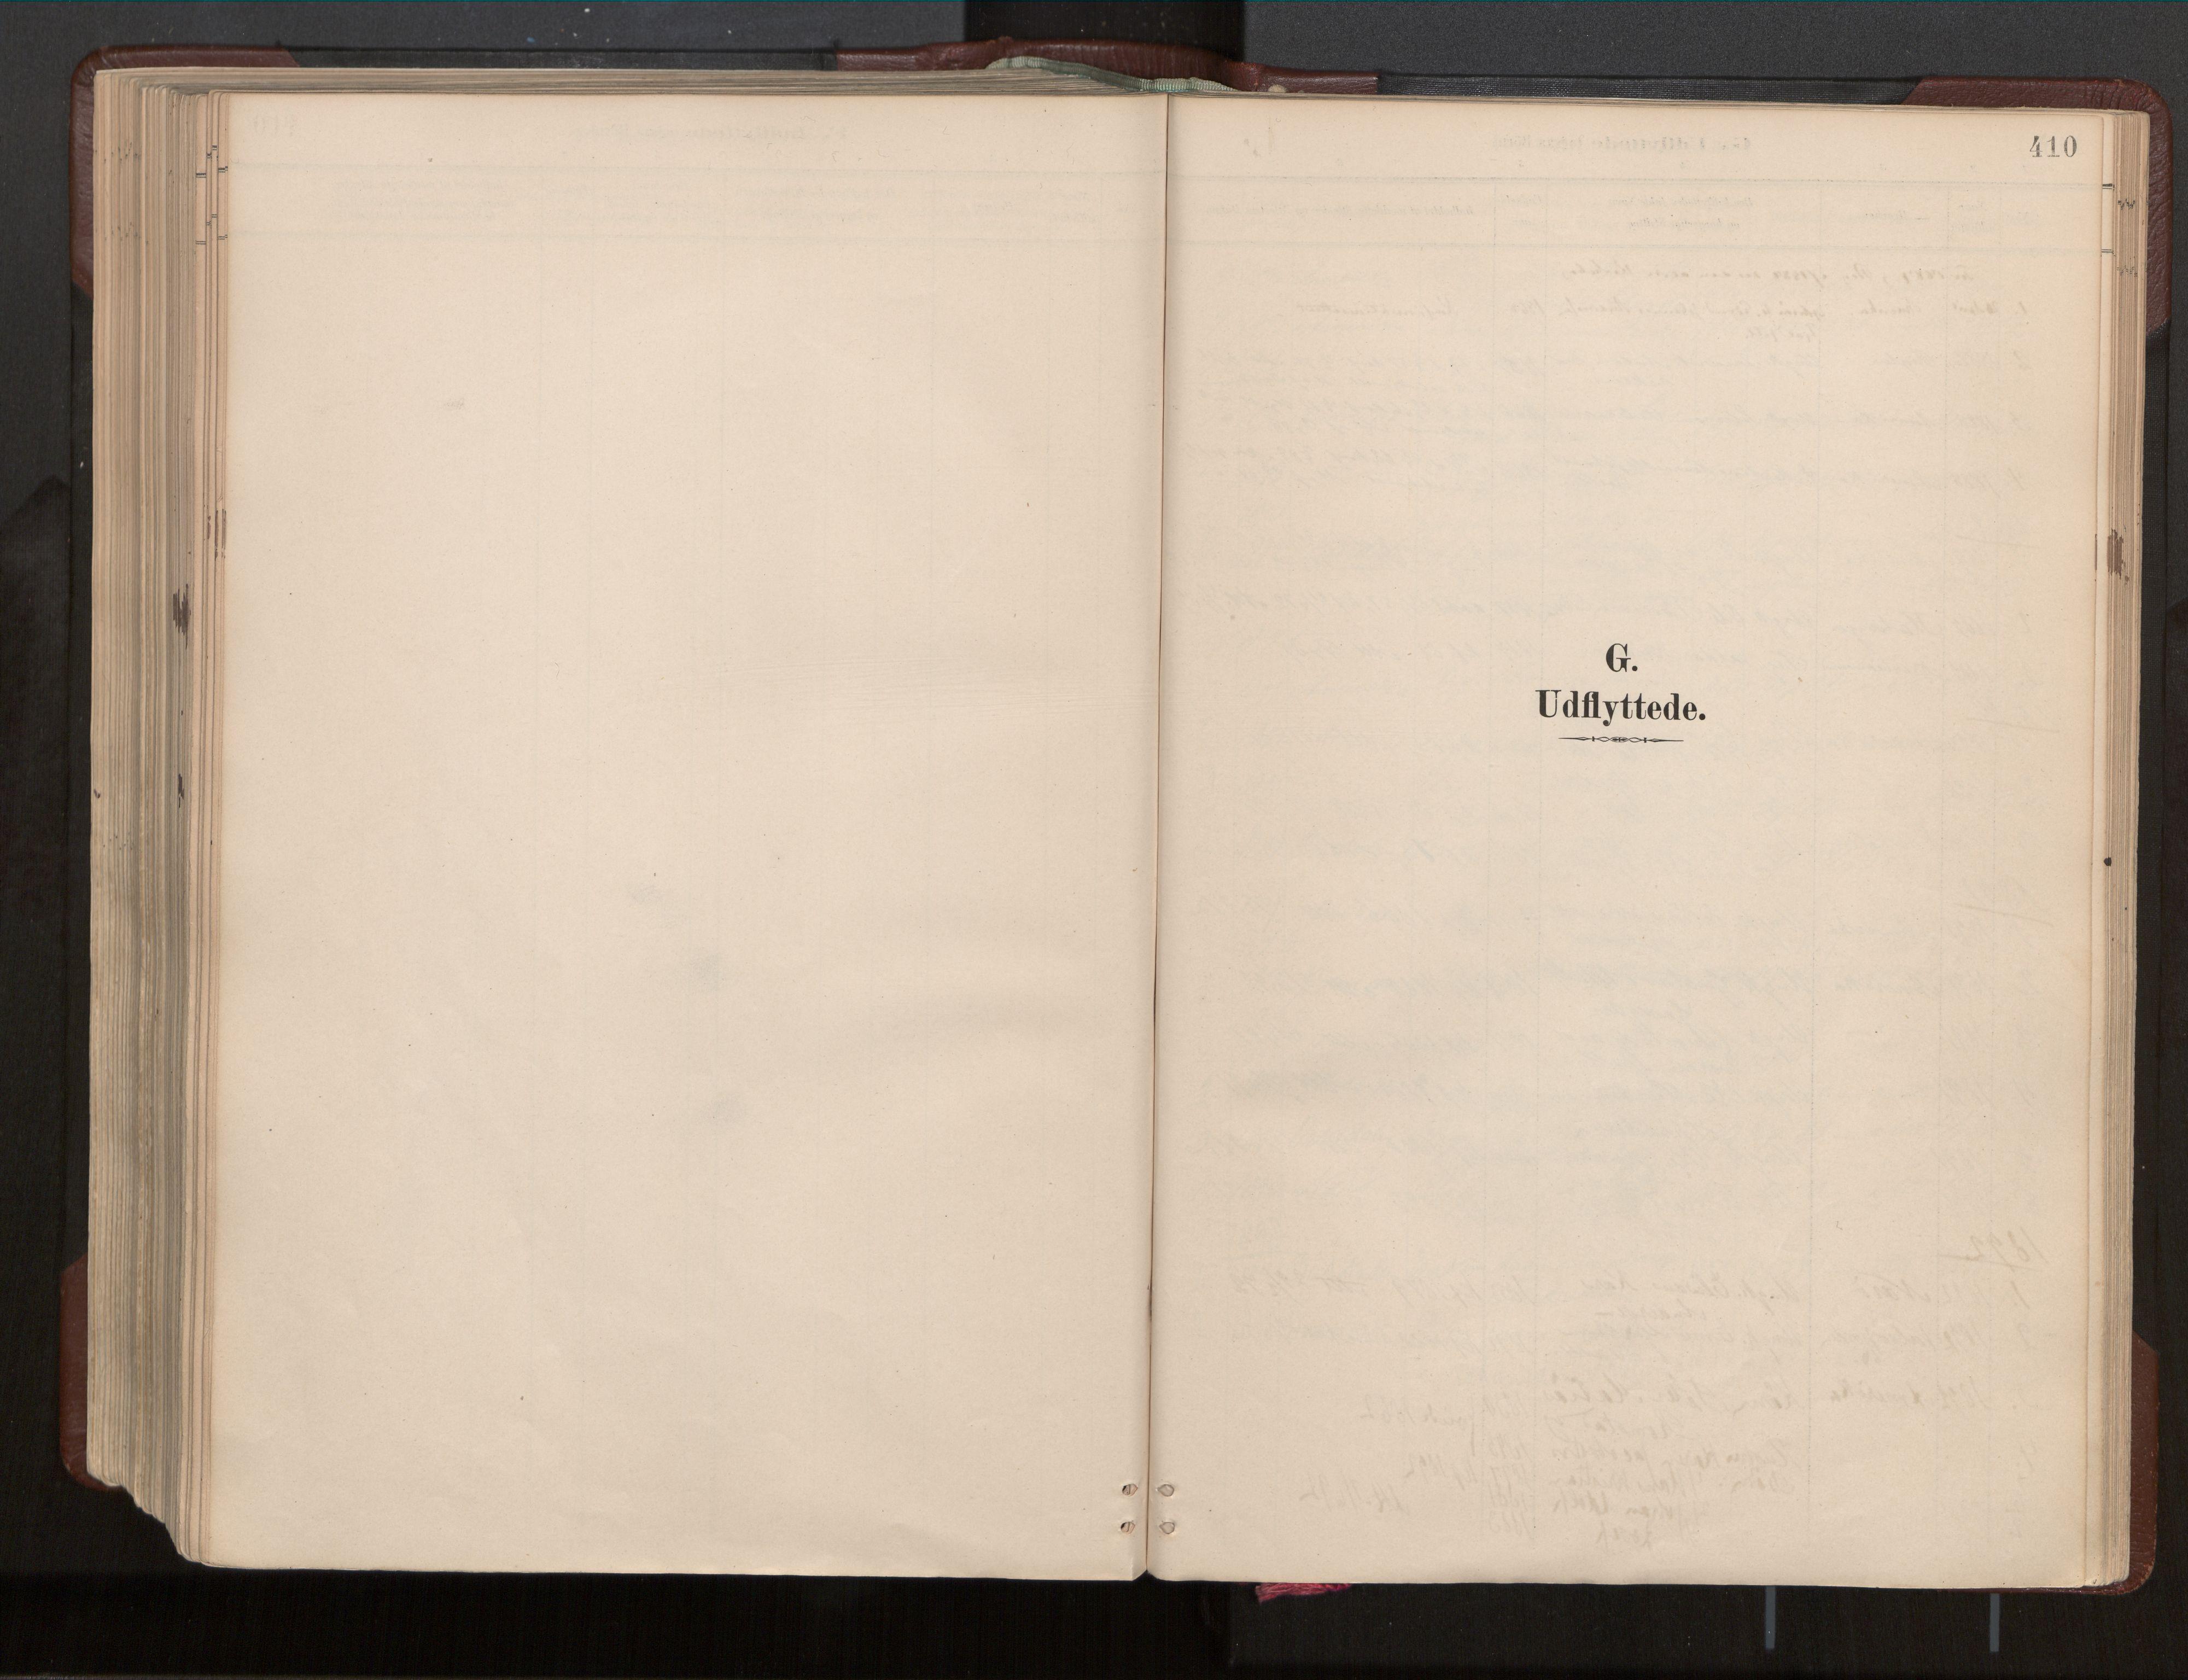 SAT, Ministerialprotokoller, klokkerbøker og fødselsregistre - Nord-Trøndelag, 770/L0589: Ministerialbok nr. 770A03, 1887-1929, s. 410